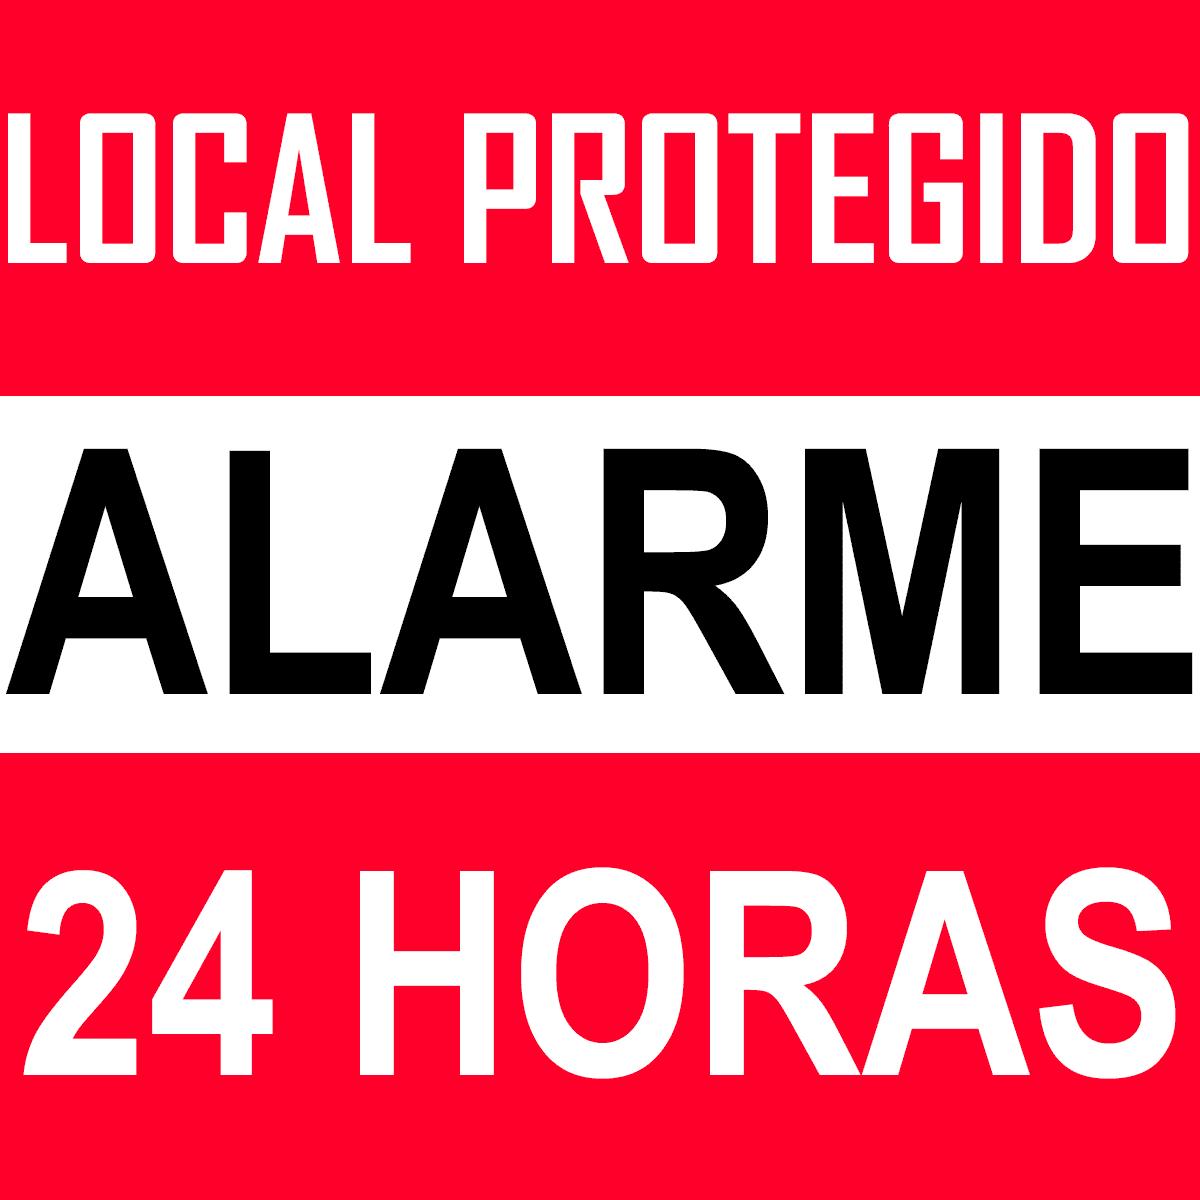 Kit 10 Placas Sinalização Local Protegido Alarme 24 Horas  - Ambientude Agro e Pet